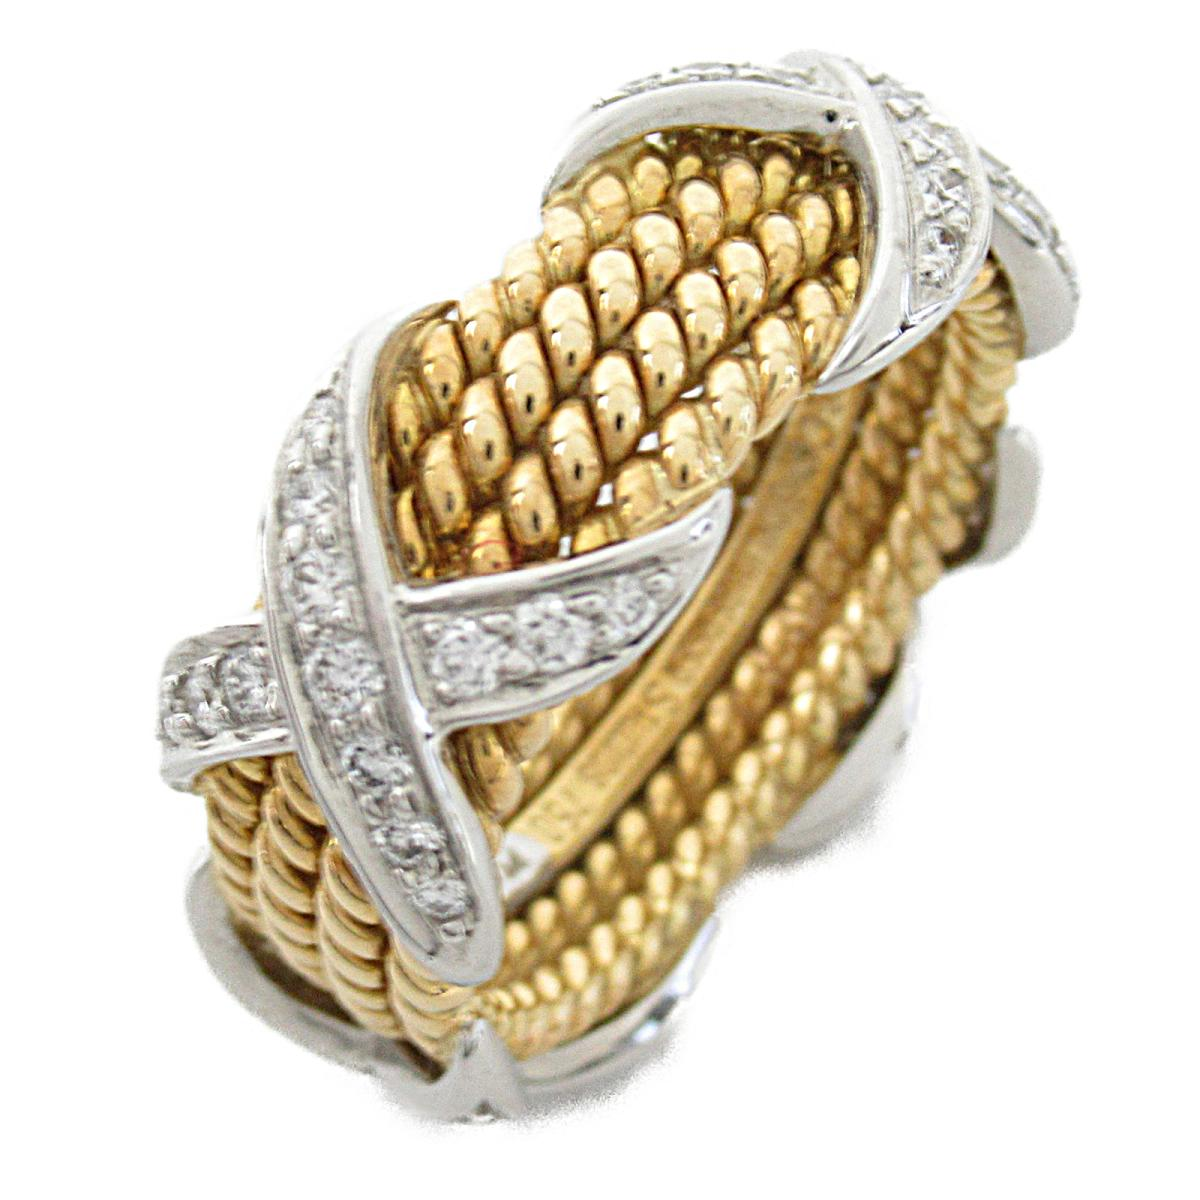 ティファニー シュランバーゼリング4ロウ 指輪 リング ブランドジュエリー メンズ レディース K18YG (750) イエローゴールド x PT950プラチナ ダイヤモンド 【中古】 | ブランド